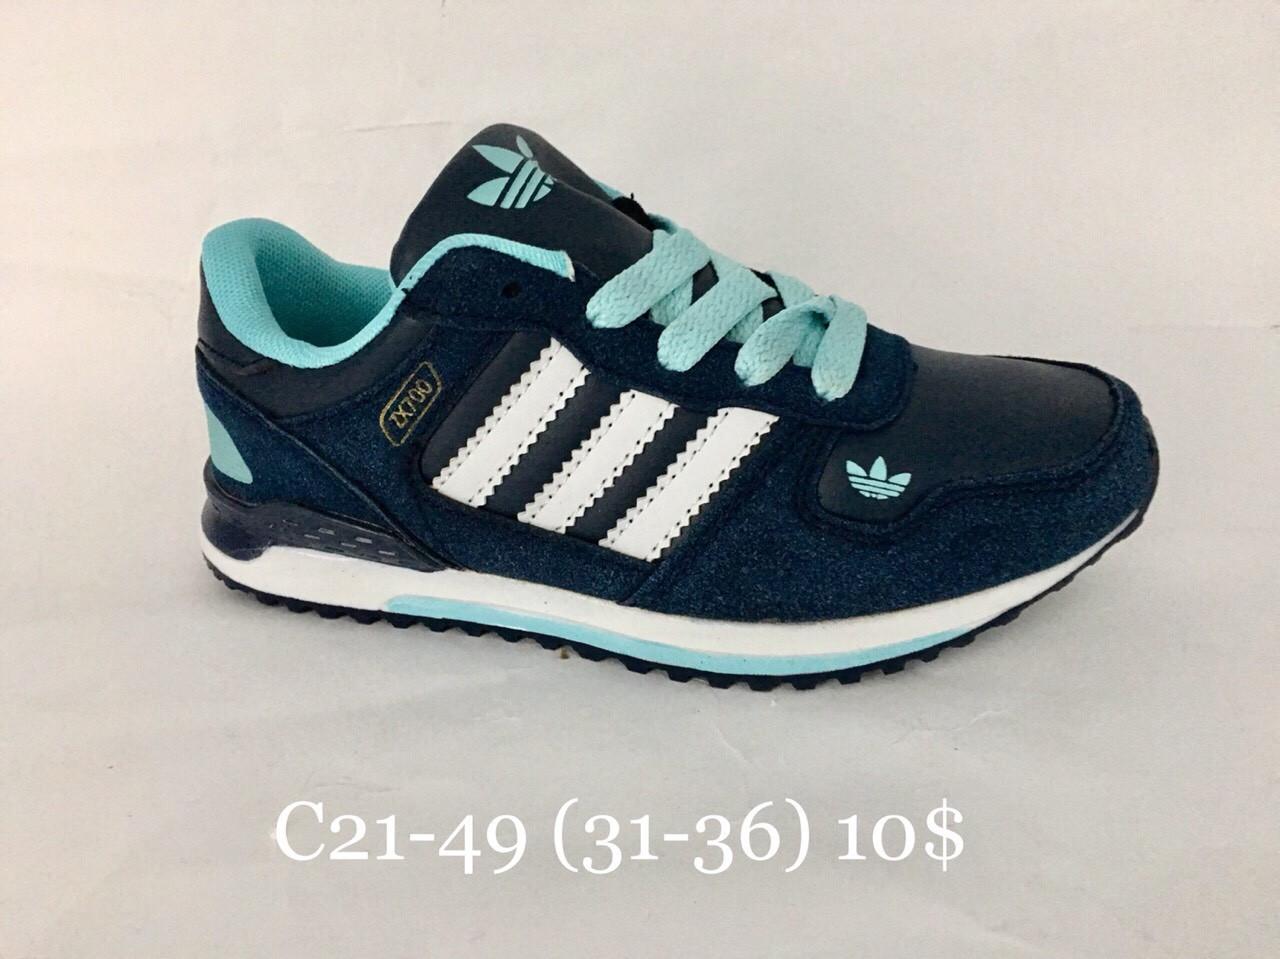 f70202e982d7 Детские кроссовки оптом от Adidas ZX700 (31-36) - Интернет-магазин «